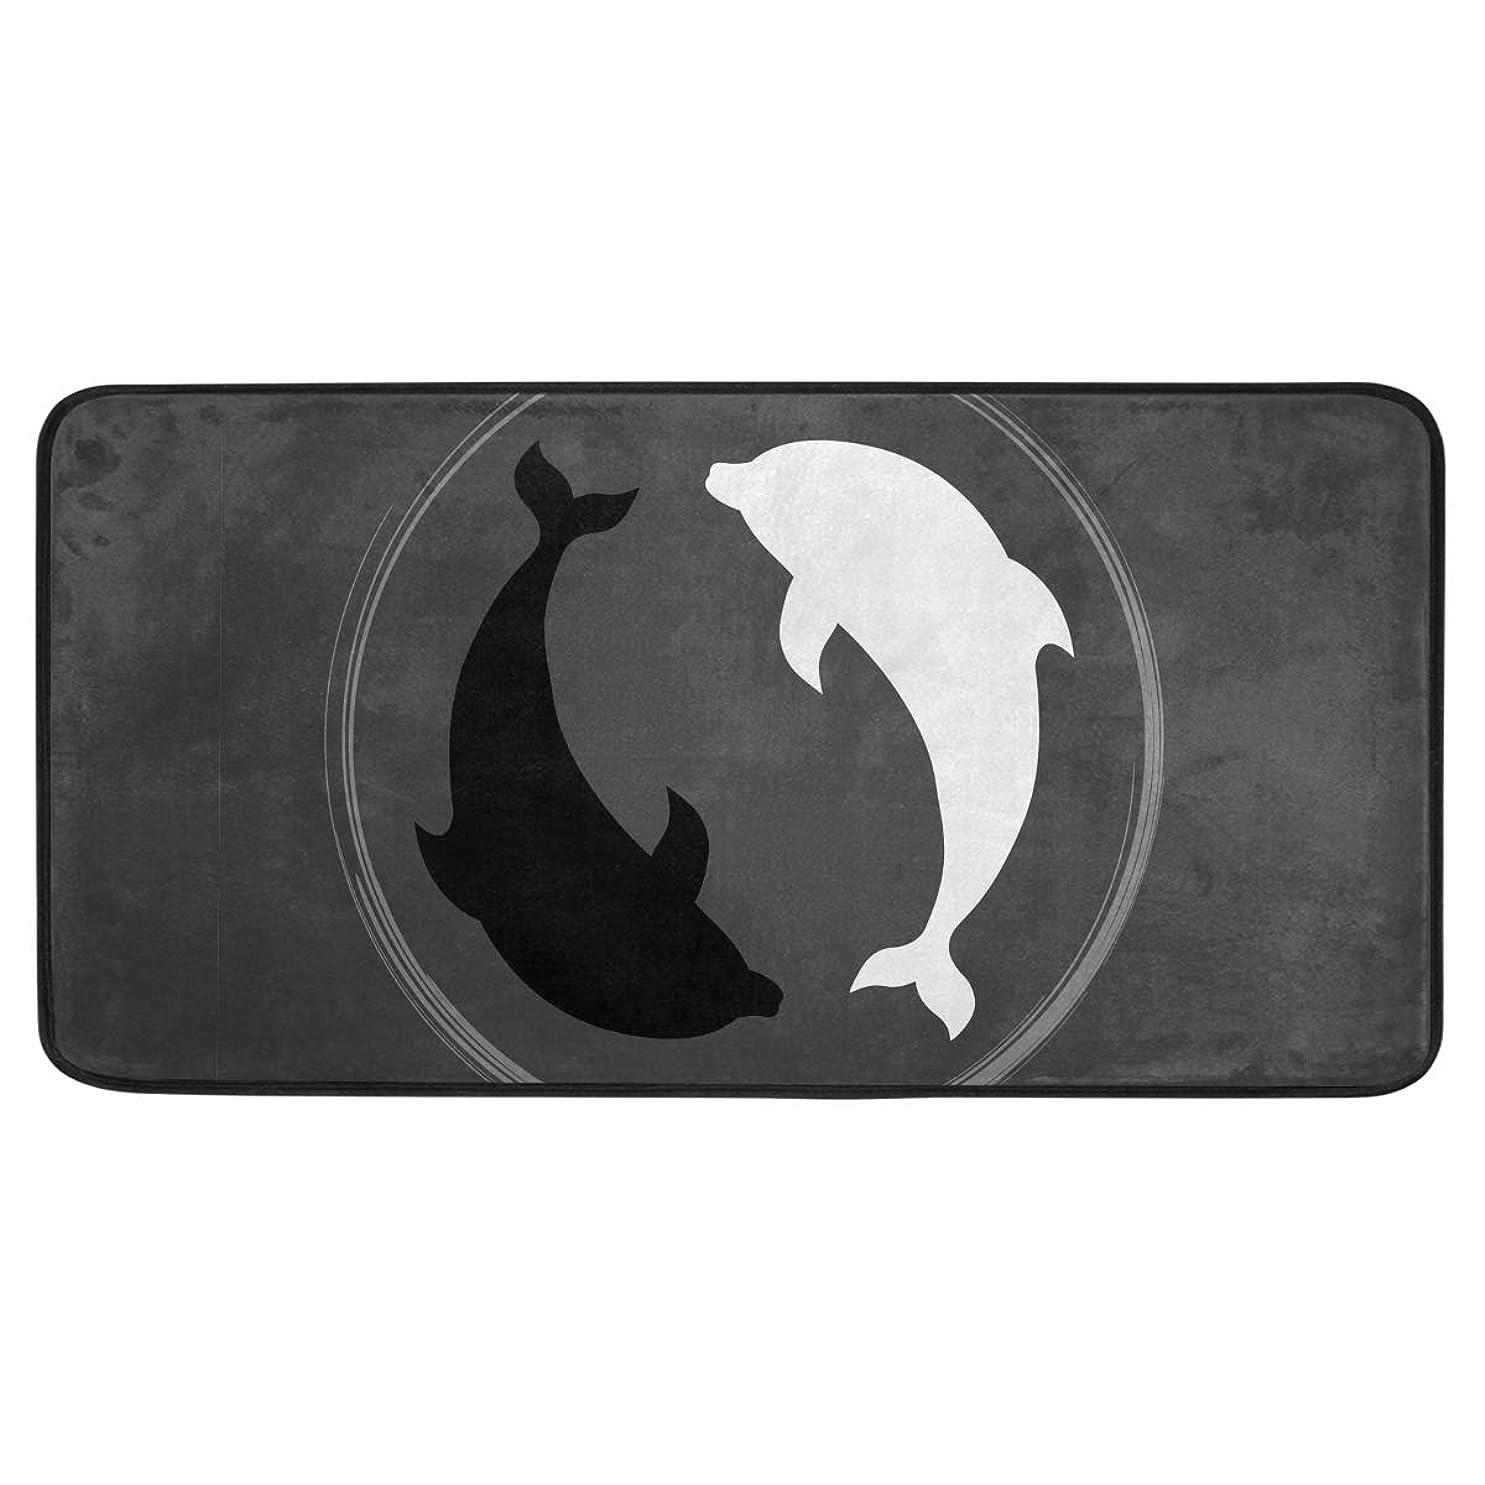 くさびグローバルとげカオリヤ キッチンマット イルカ柄 海豚柄 ドルフィン柄 100×50cm 長方形 ロングマット 長い ブラック デザインドアマット 滑り止め 洗える 屋内用 室内用